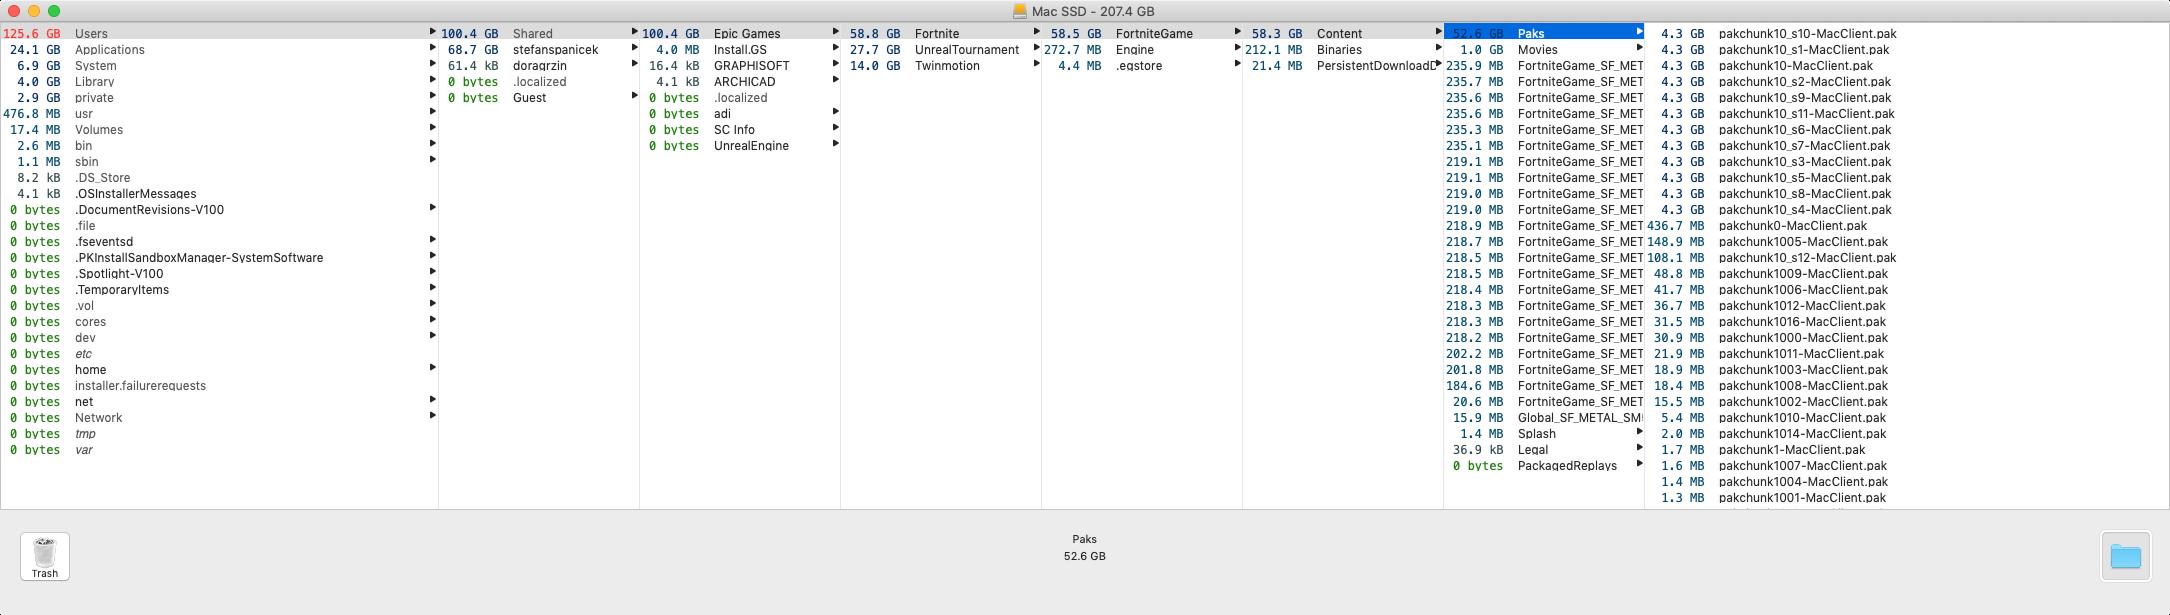 Screenshot2019-09-19at22.44.16.png